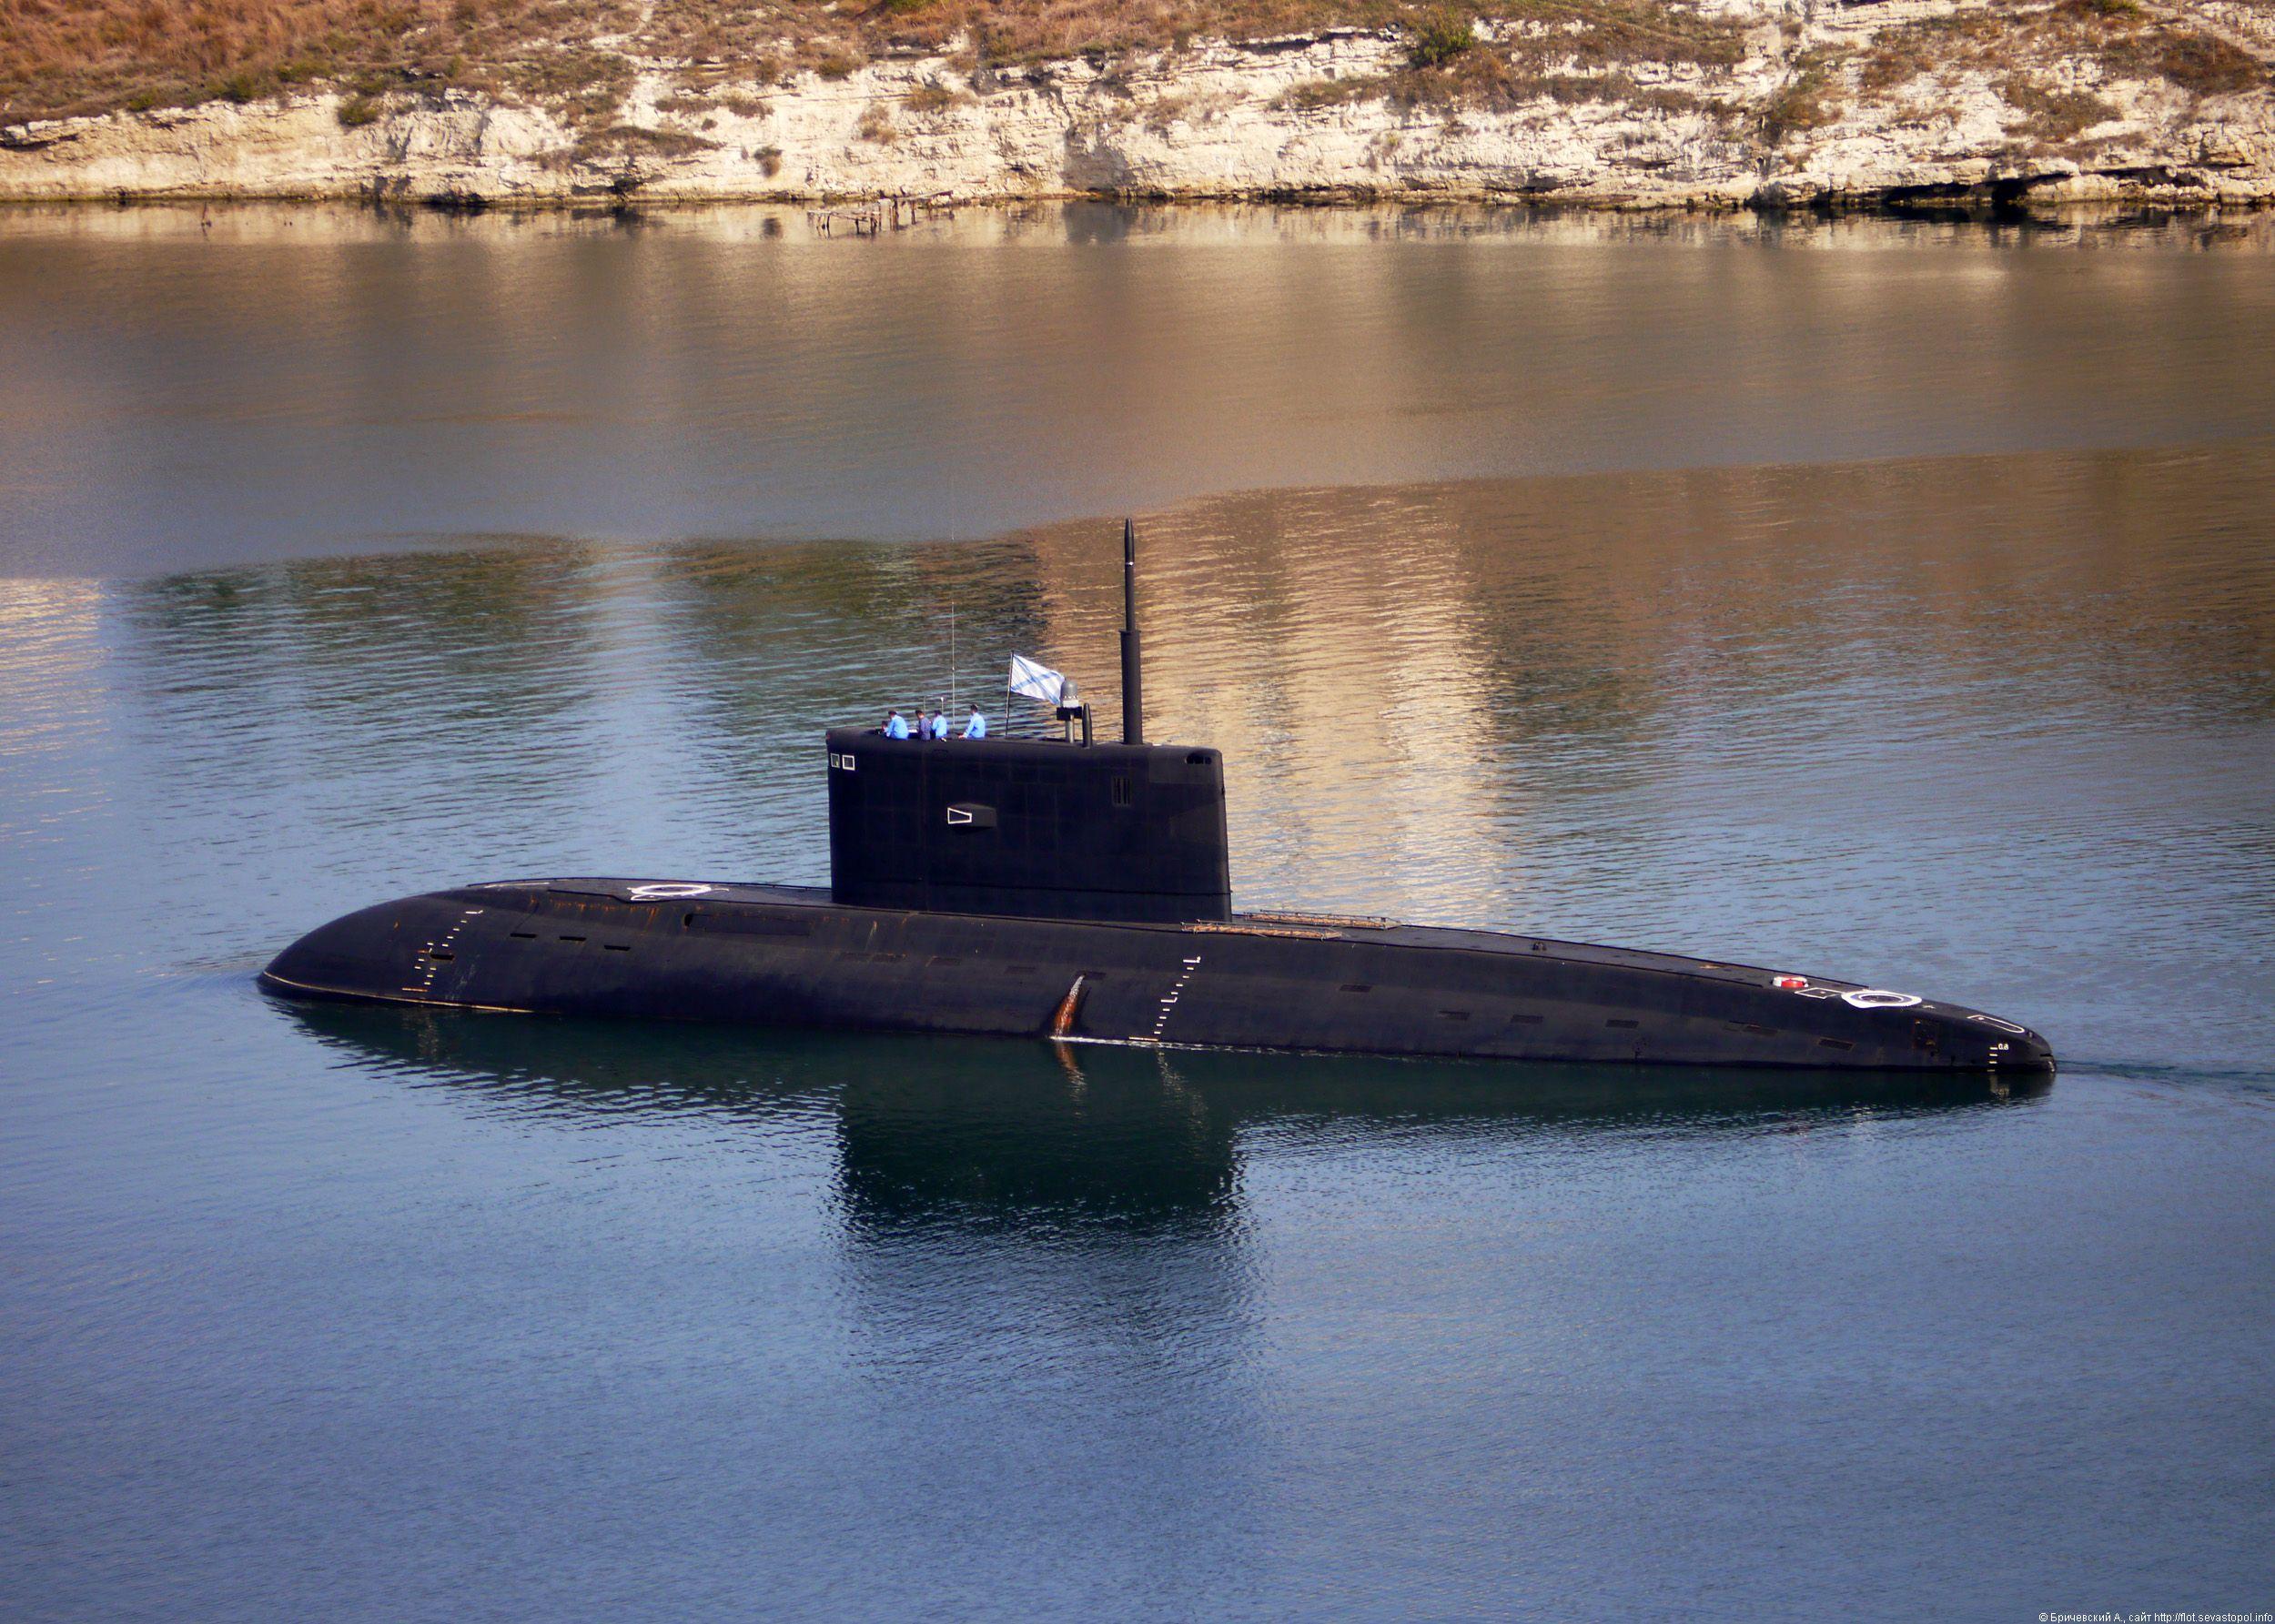 подводная лодка краснодар фото прикольная, заводится легко